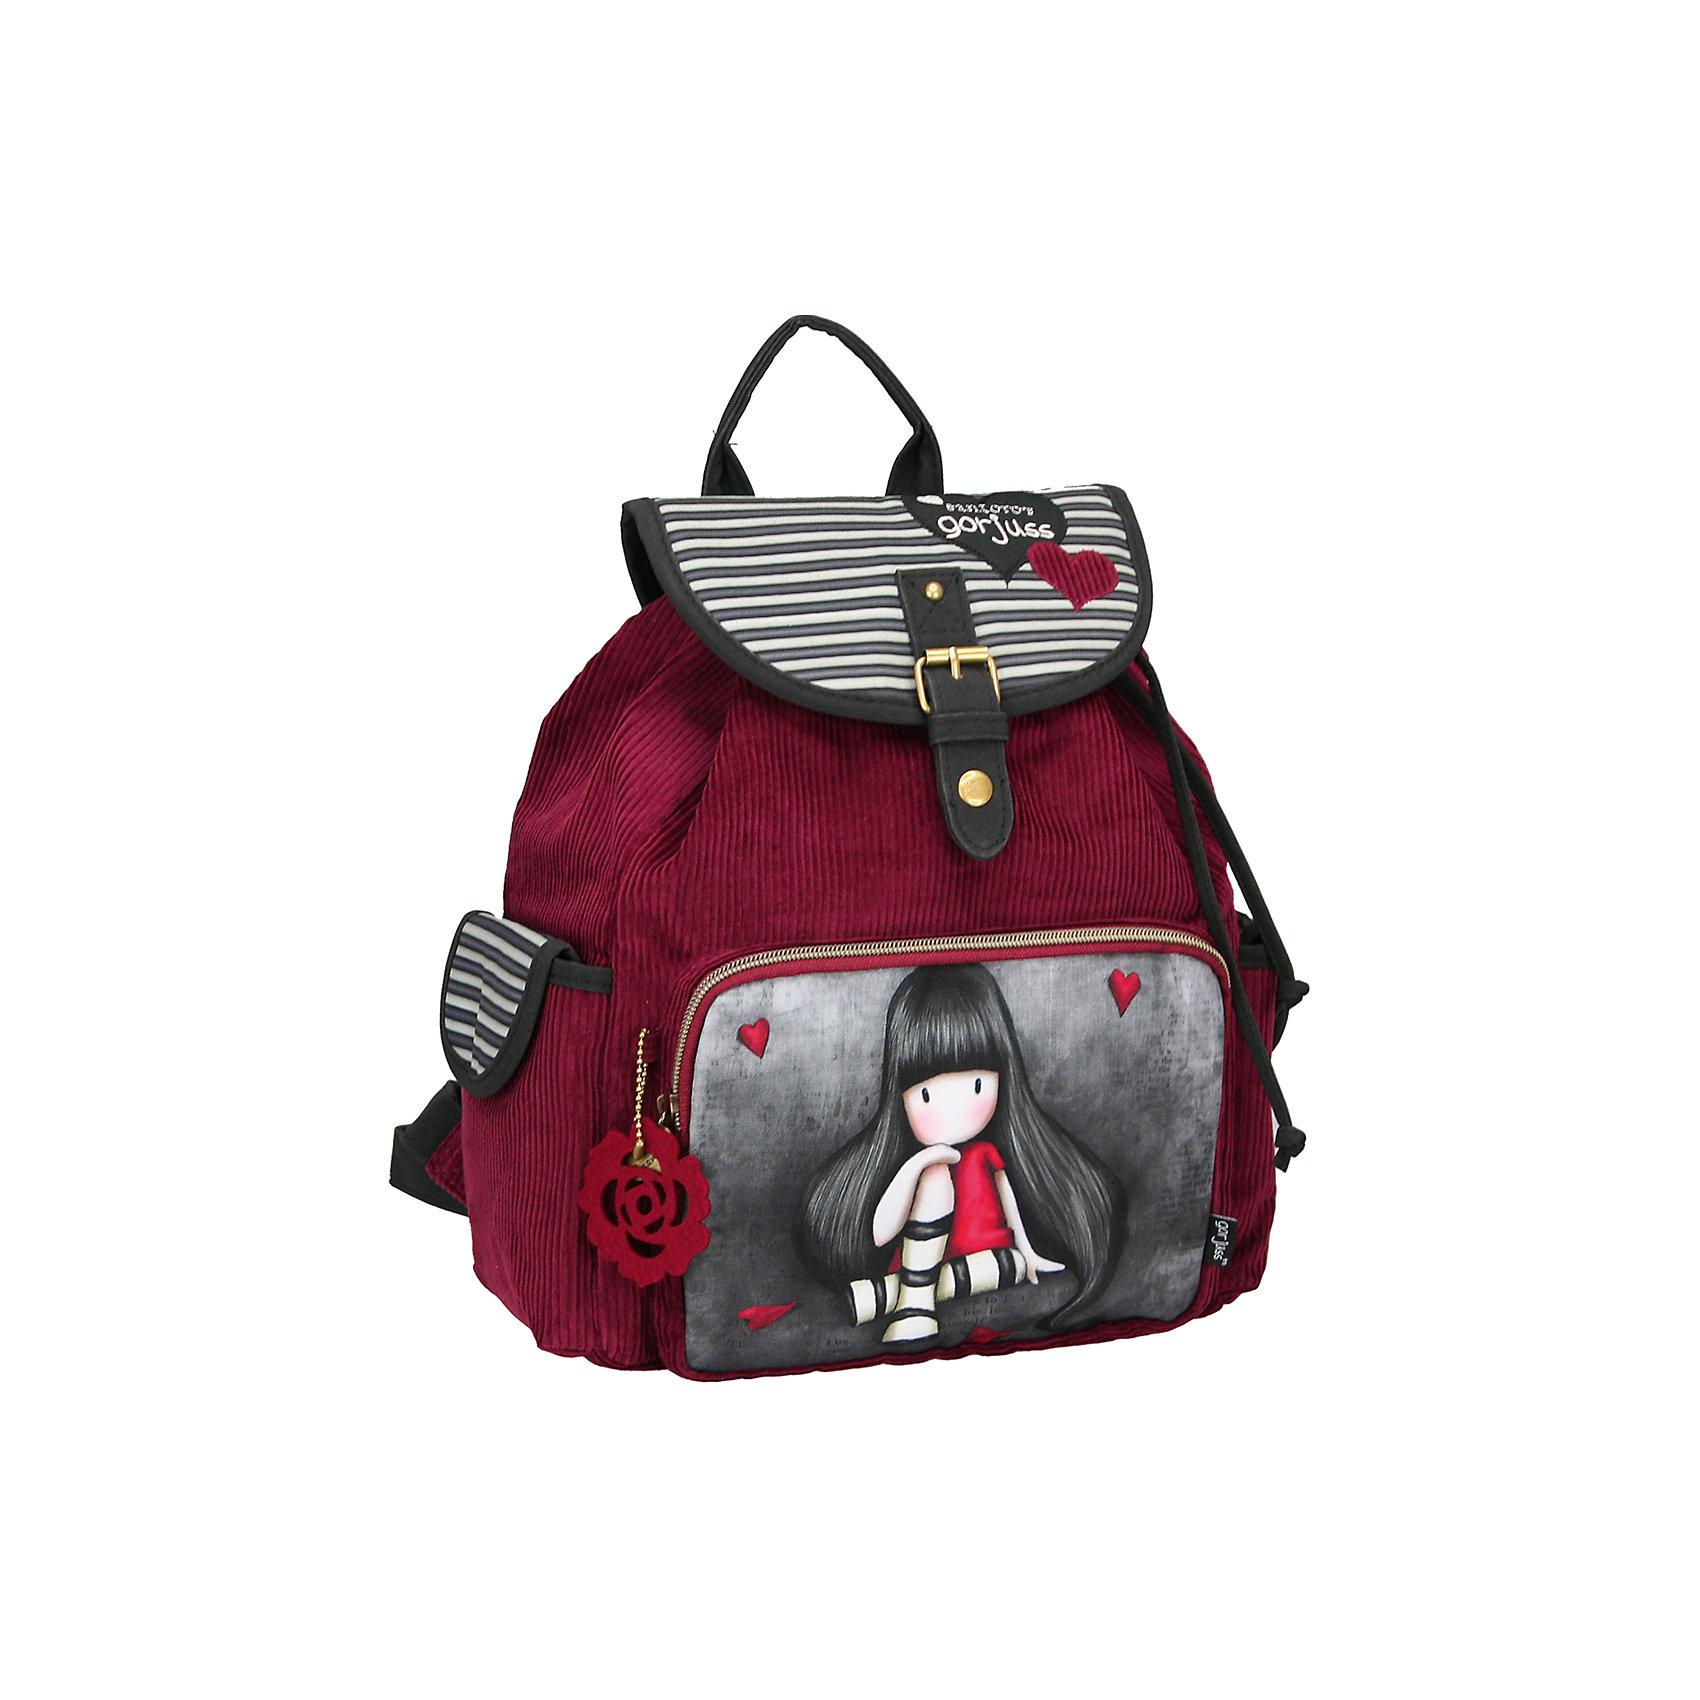 Школьный рюкзак GorjussШкольные рюкзаки<br>Рюкзак, Gorjuss (Горджус) – компактный рюкзак обязательно пригодятся для посещения школы, секций, кружков. <br>Если девочке не нужно брать с собой много вещей, а нужно положить только тетради, ручки и какой-то гаджет, то рюкзак Gorjuss (Горджус) просто создан для вашей дочки. Рюкзак очень вместительный и удобный в использовании. Внутри изделия имеется большое отделение для крупных предметов. В качестве застежки используется металлическая пряжка, прикрепленная к верхнему накладному фартуку. Внутри горлышко рюкзака затягивается шнурками. Лямки регулируются по длине. У рюкзака имеется два боковых кармана застегивающиеся клапанами с липучками, передний карман - на молнии.<br><br>Дополнительная информация:<br><br>- Размер: 33,5х26,5х11 см.<br><br>Рюкзак, Gorjuss (Горджус) можно купить в нашем интернет-магазине.<br><br>Ширина мм: 110<br>Глубина мм: 335<br>Высота мм: 265<br>Вес г: 1000<br>Возраст от месяцев: 120<br>Возраст до месяцев: 144<br>Пол: Женский<br>Возраст: Детский<br>SKU: 3563244